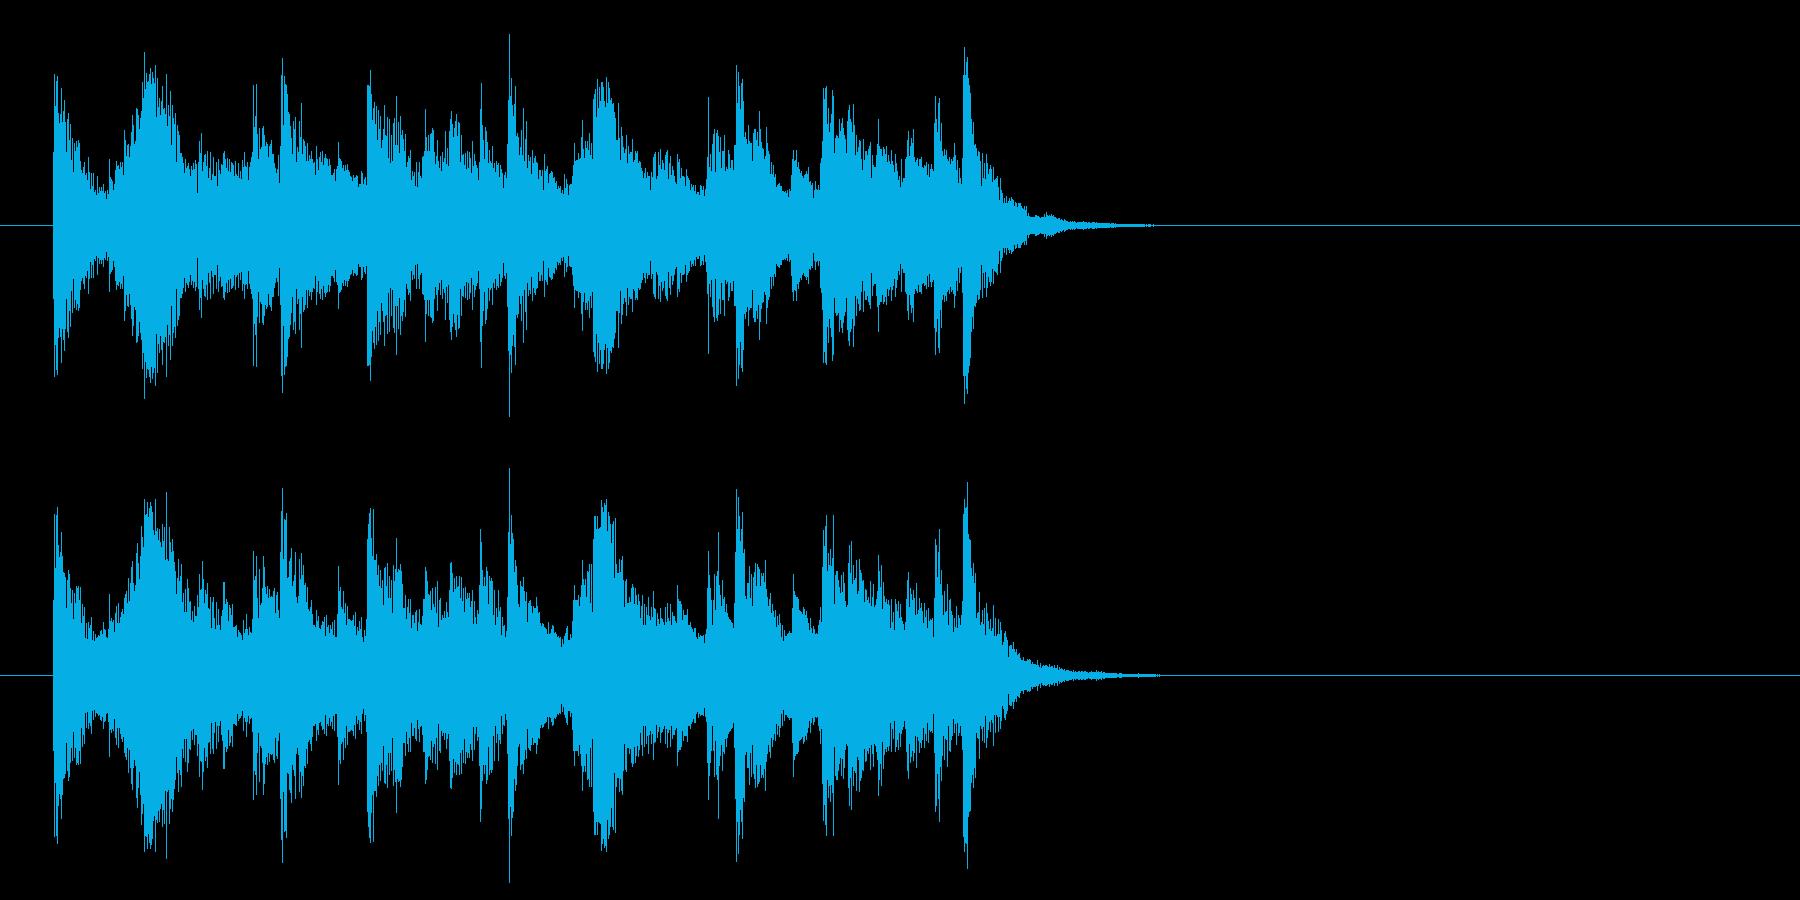 コーナー・エンド風ピアノジャズのジングルの再生済みの波形